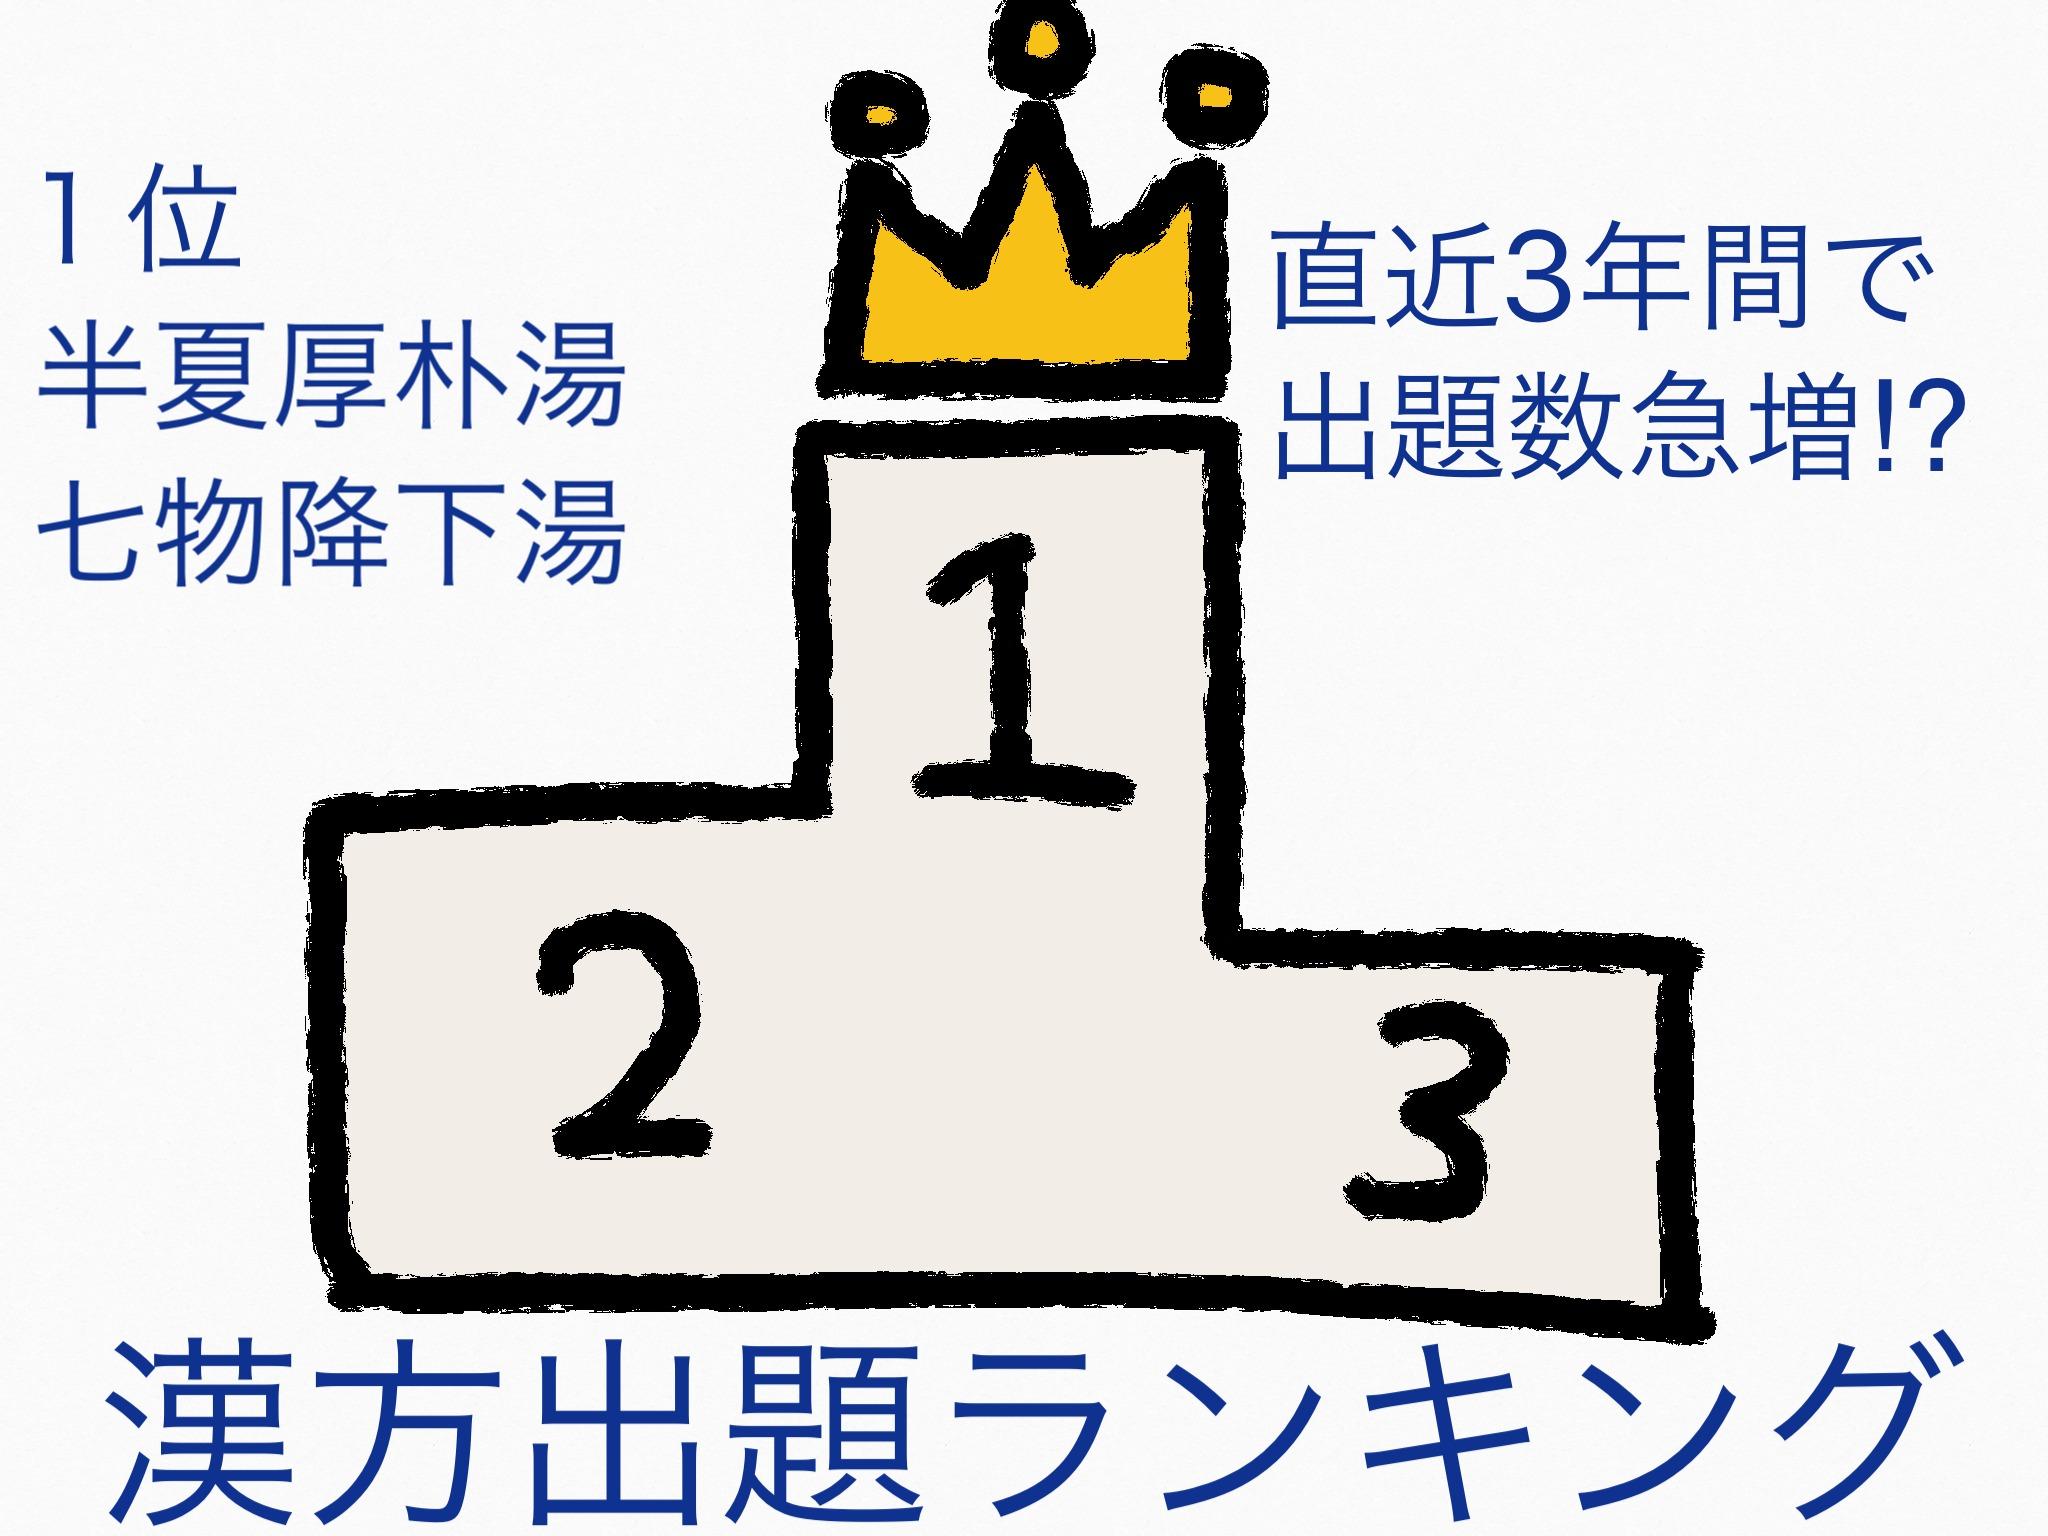 登録販売者試験の過去問からよく出る漢方問題を分析[東京版]